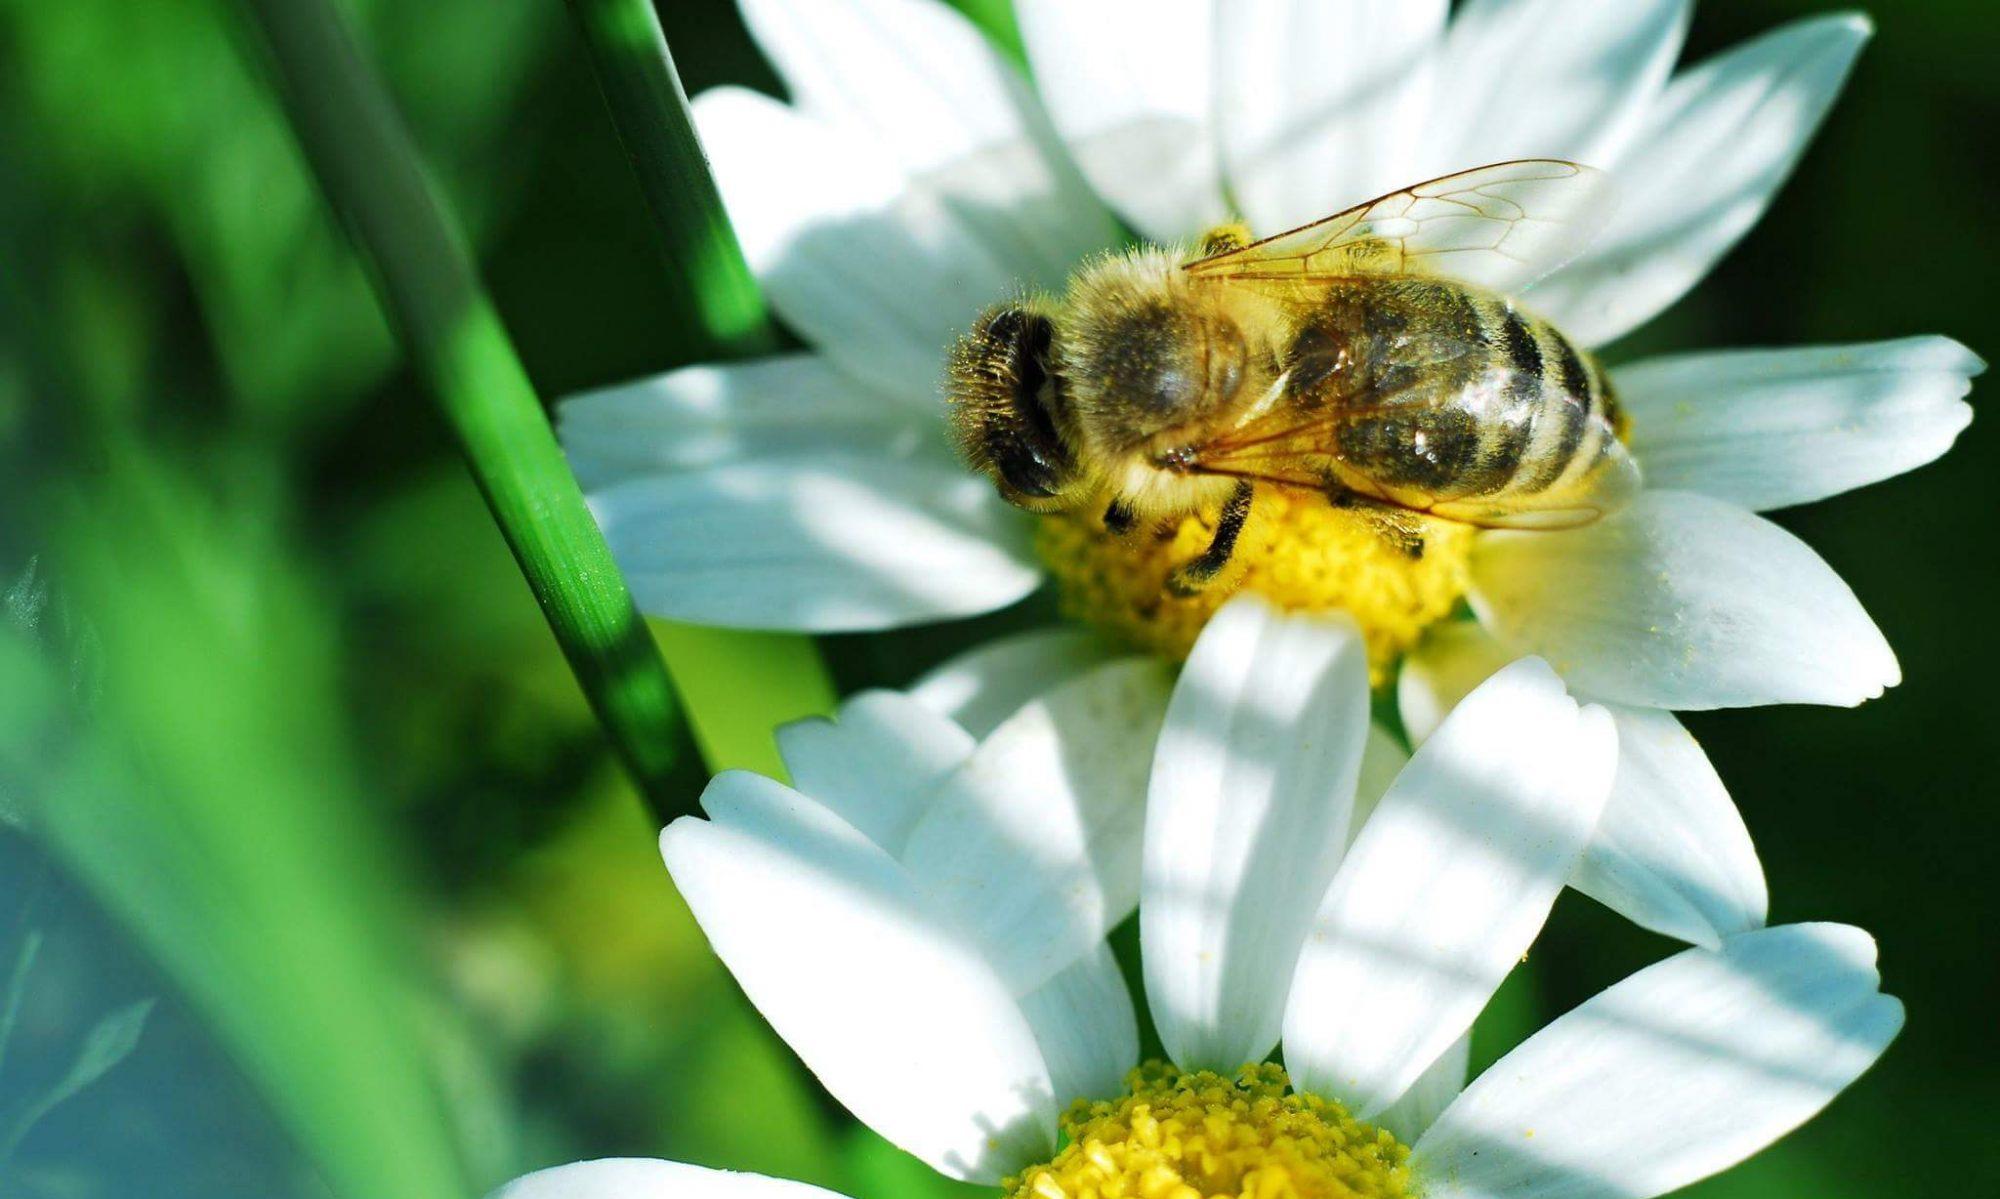 Včelí farma Srch - Jiří Švejda